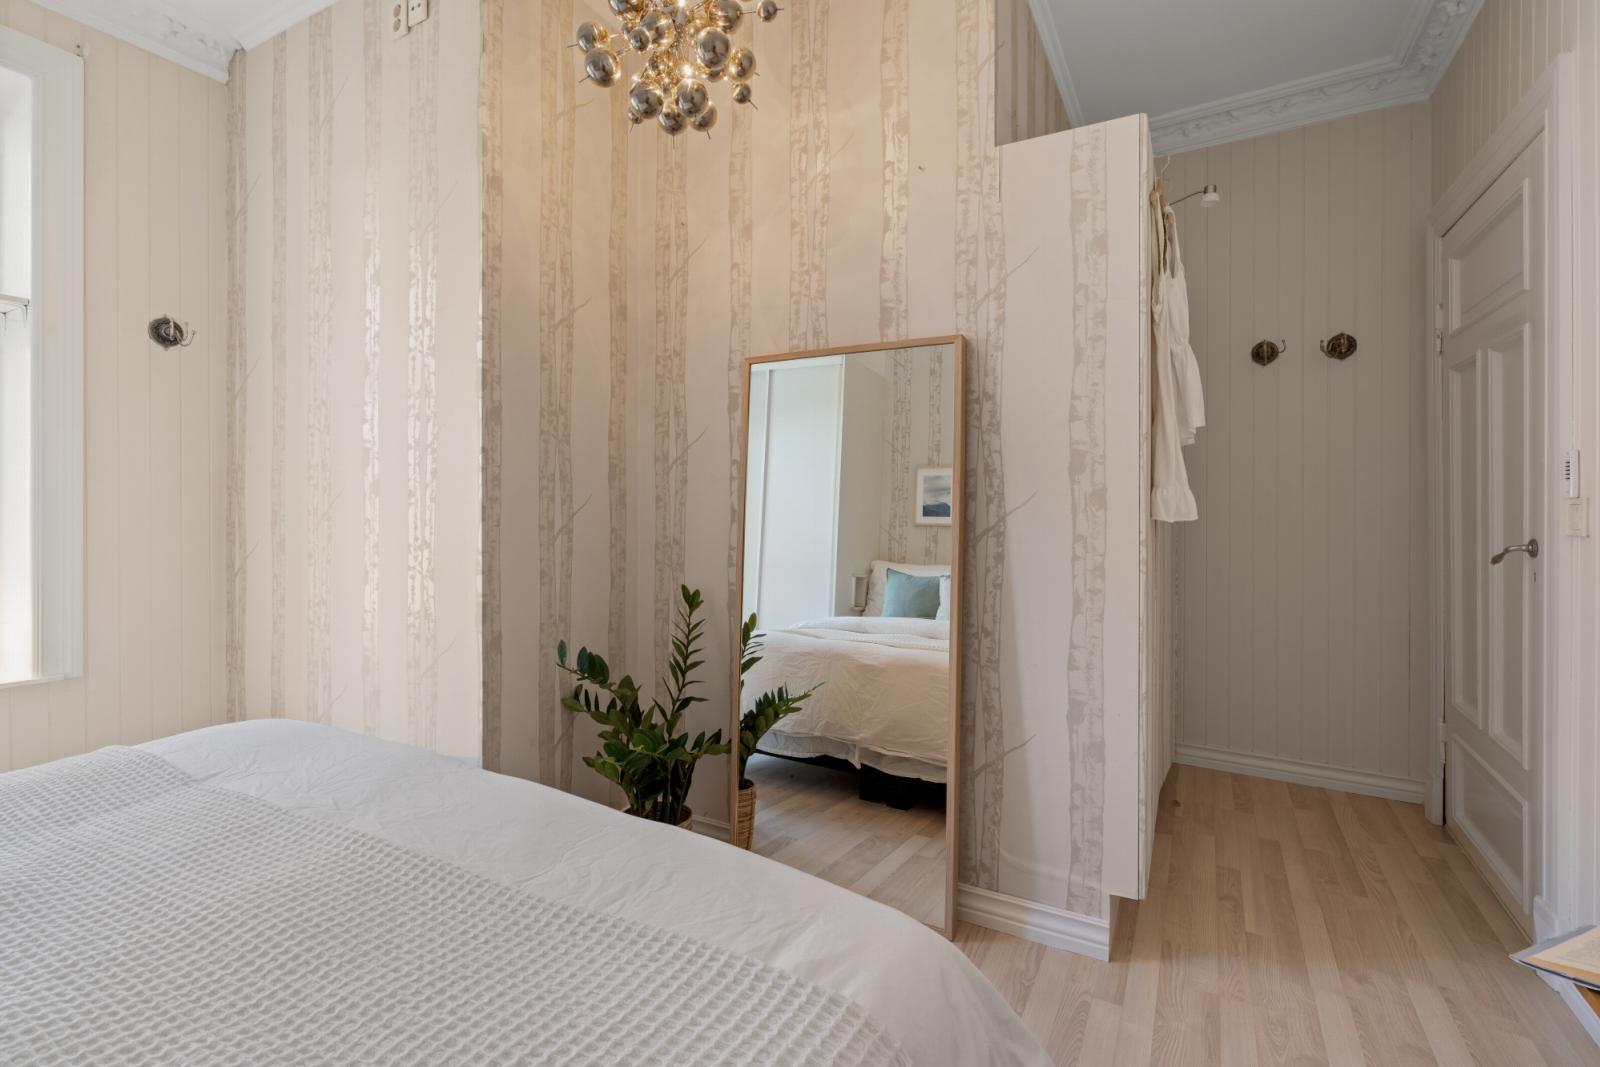 Sannergata 10 Soverom I: Plass til dobbeltseng og annet ønsket møblement. Garderobeskap medfølger